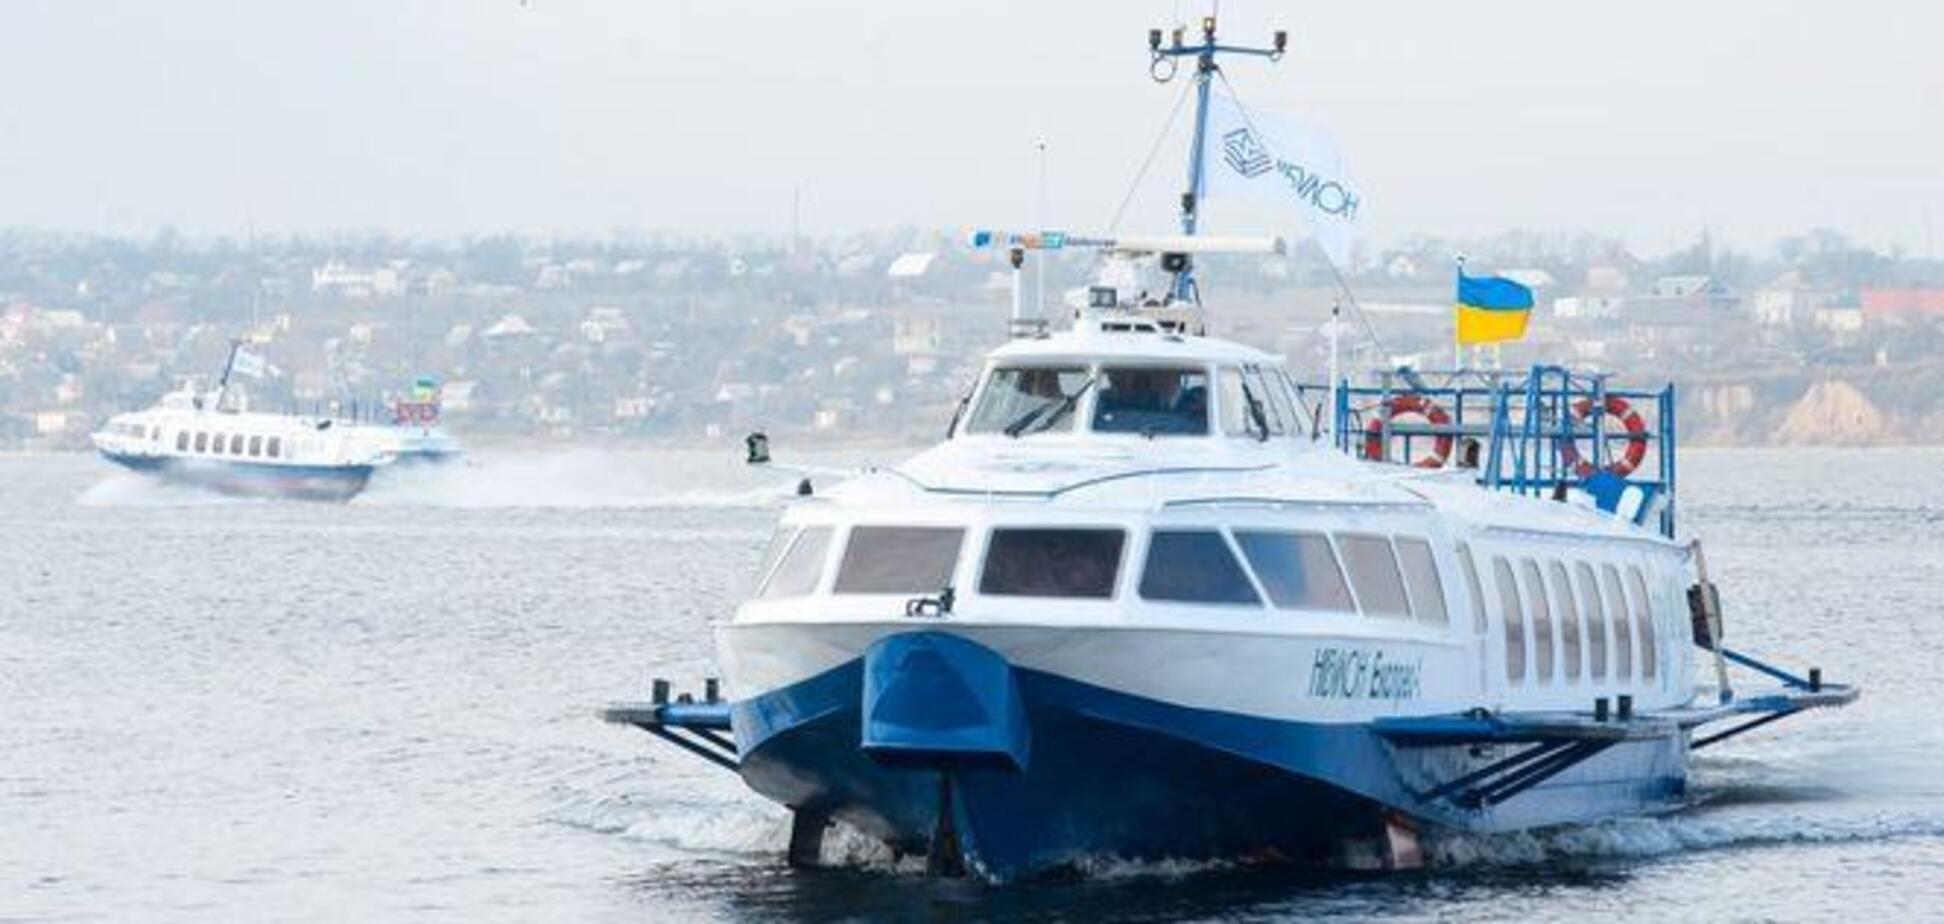 Сила води: чому закон про внутрішній водний транспорт слід приймати якнайшвидше